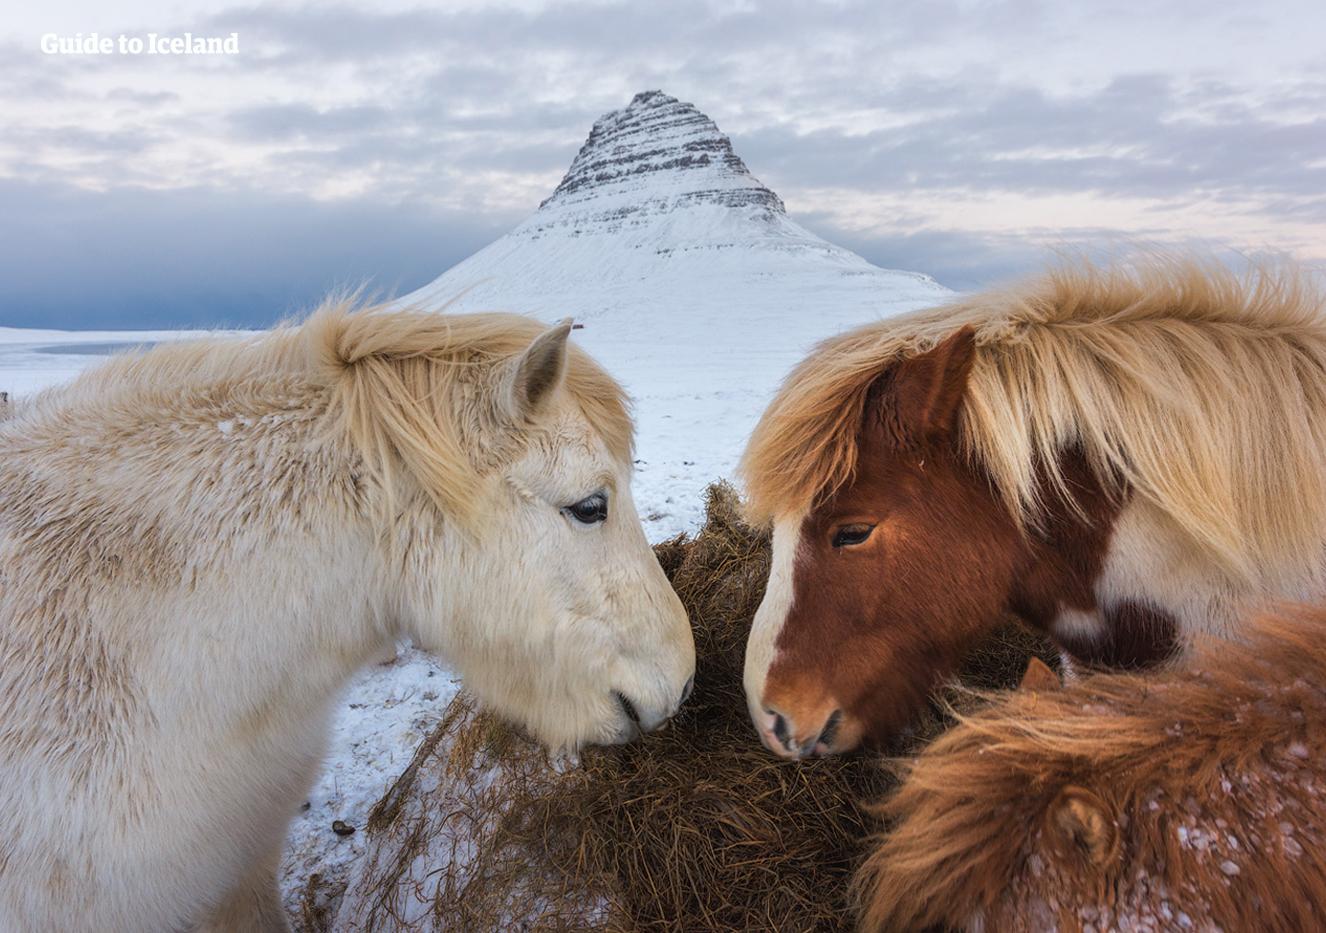 Des chevaux islandais et l'emblématique montagne Kirkjufell sur la péninsule de Snæfellsnes.